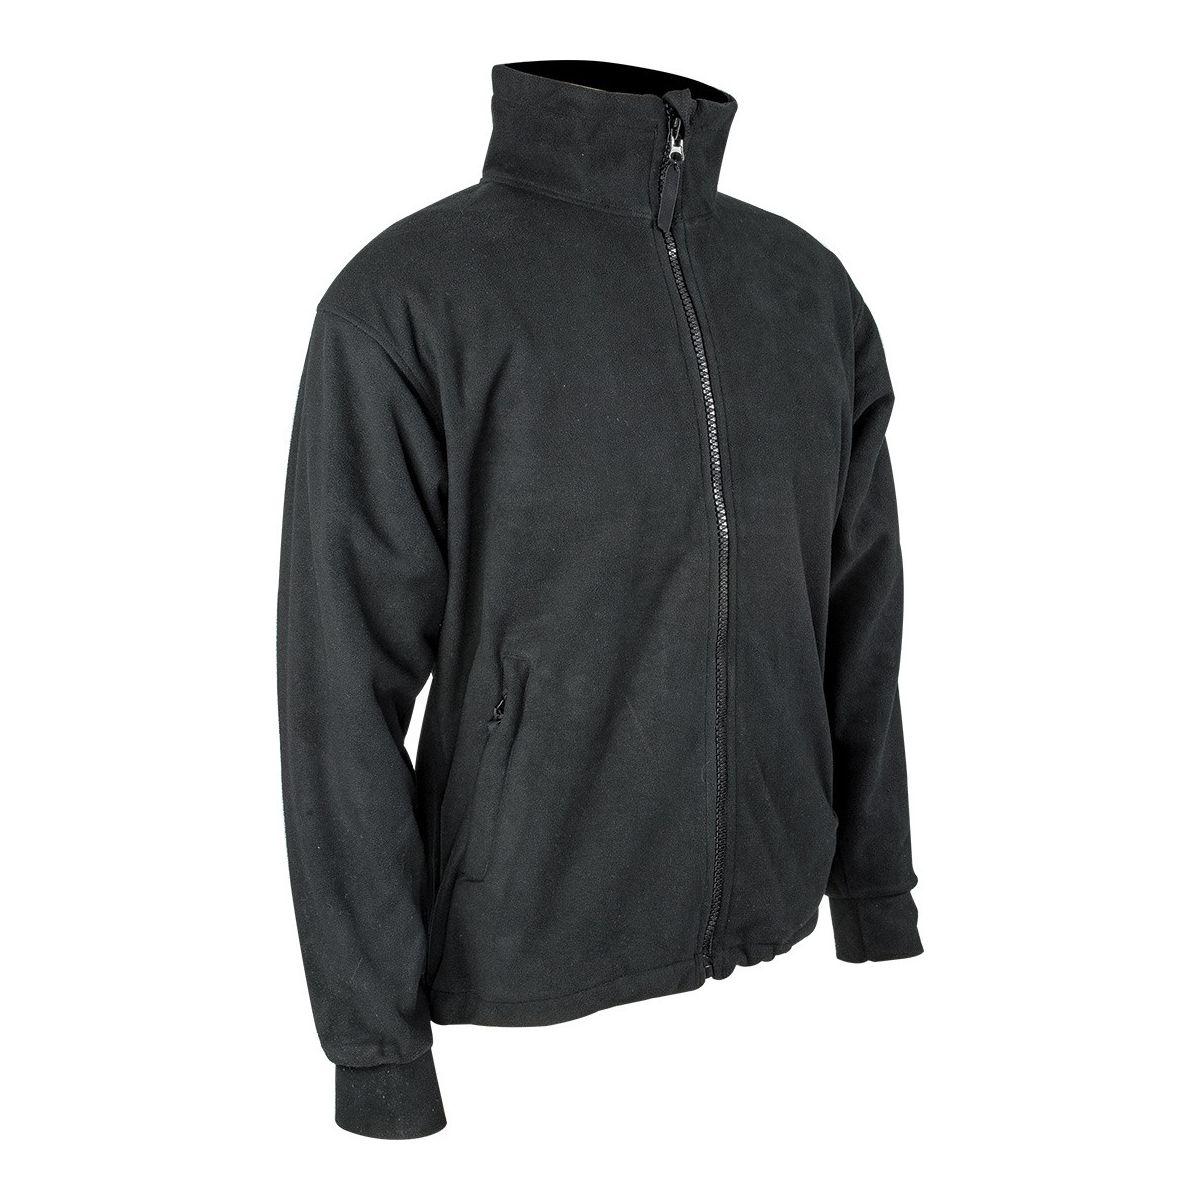 Jacket THOR windproof waterproof fleece BLACK PRO-FORCE JAC010-BK L-11